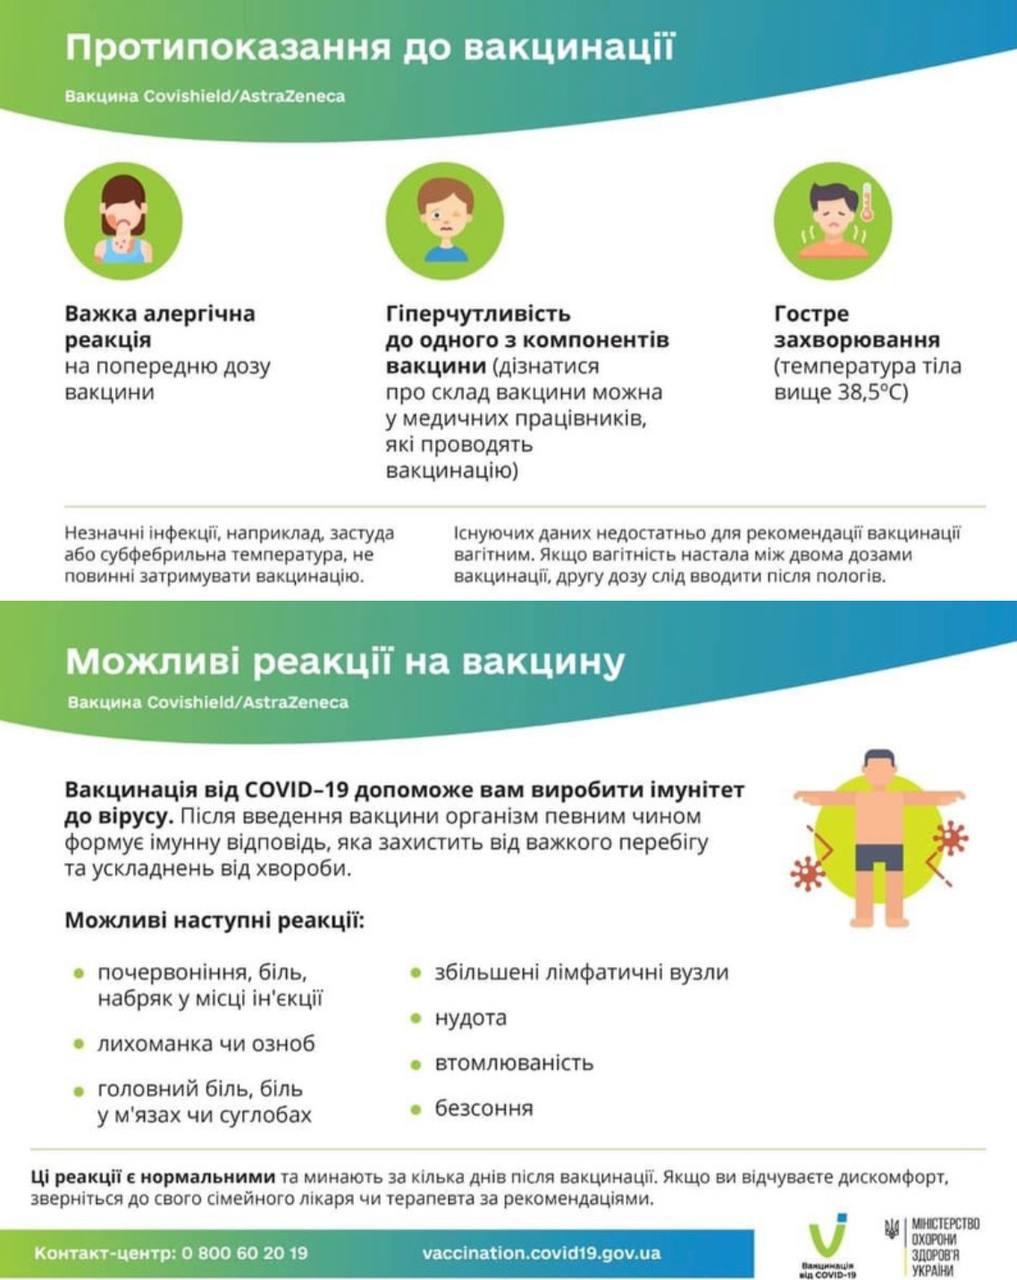 Какие побочные эффекты могут наблюдаться после вакцинации препаратом CoviShield